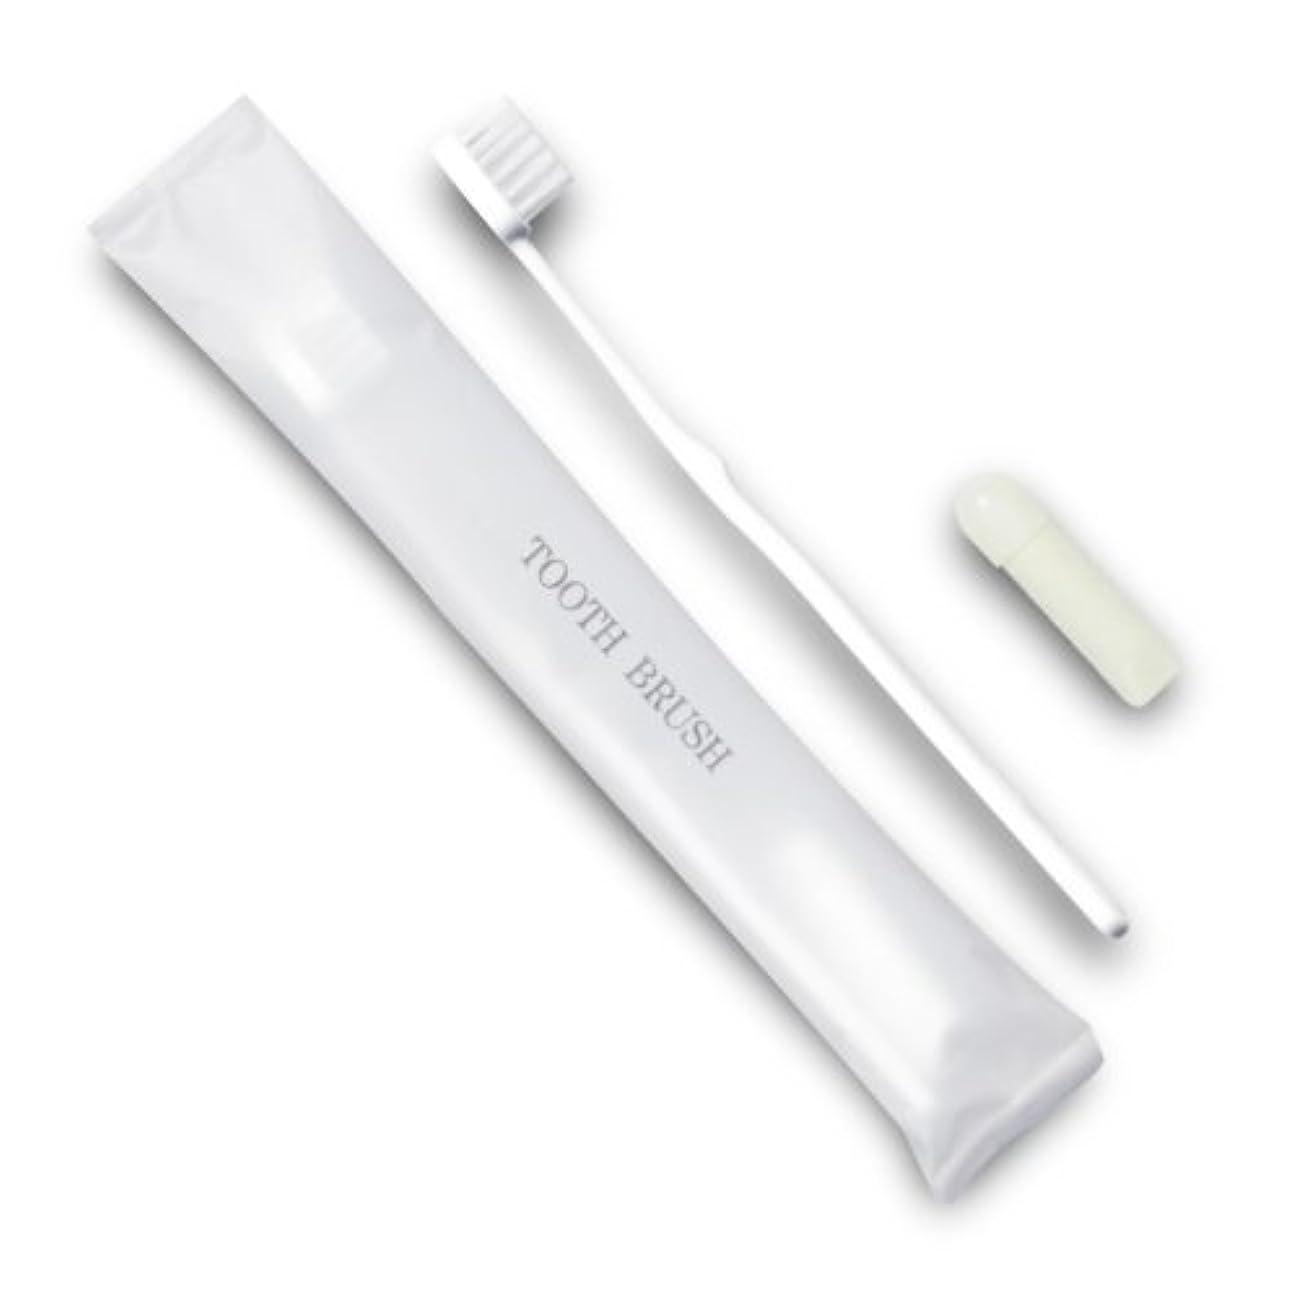 スーツ代わりにを立てるパールホテル業務用歯ブラシ21穴(白)3gチューブ マット袋FタイプDX 1400本